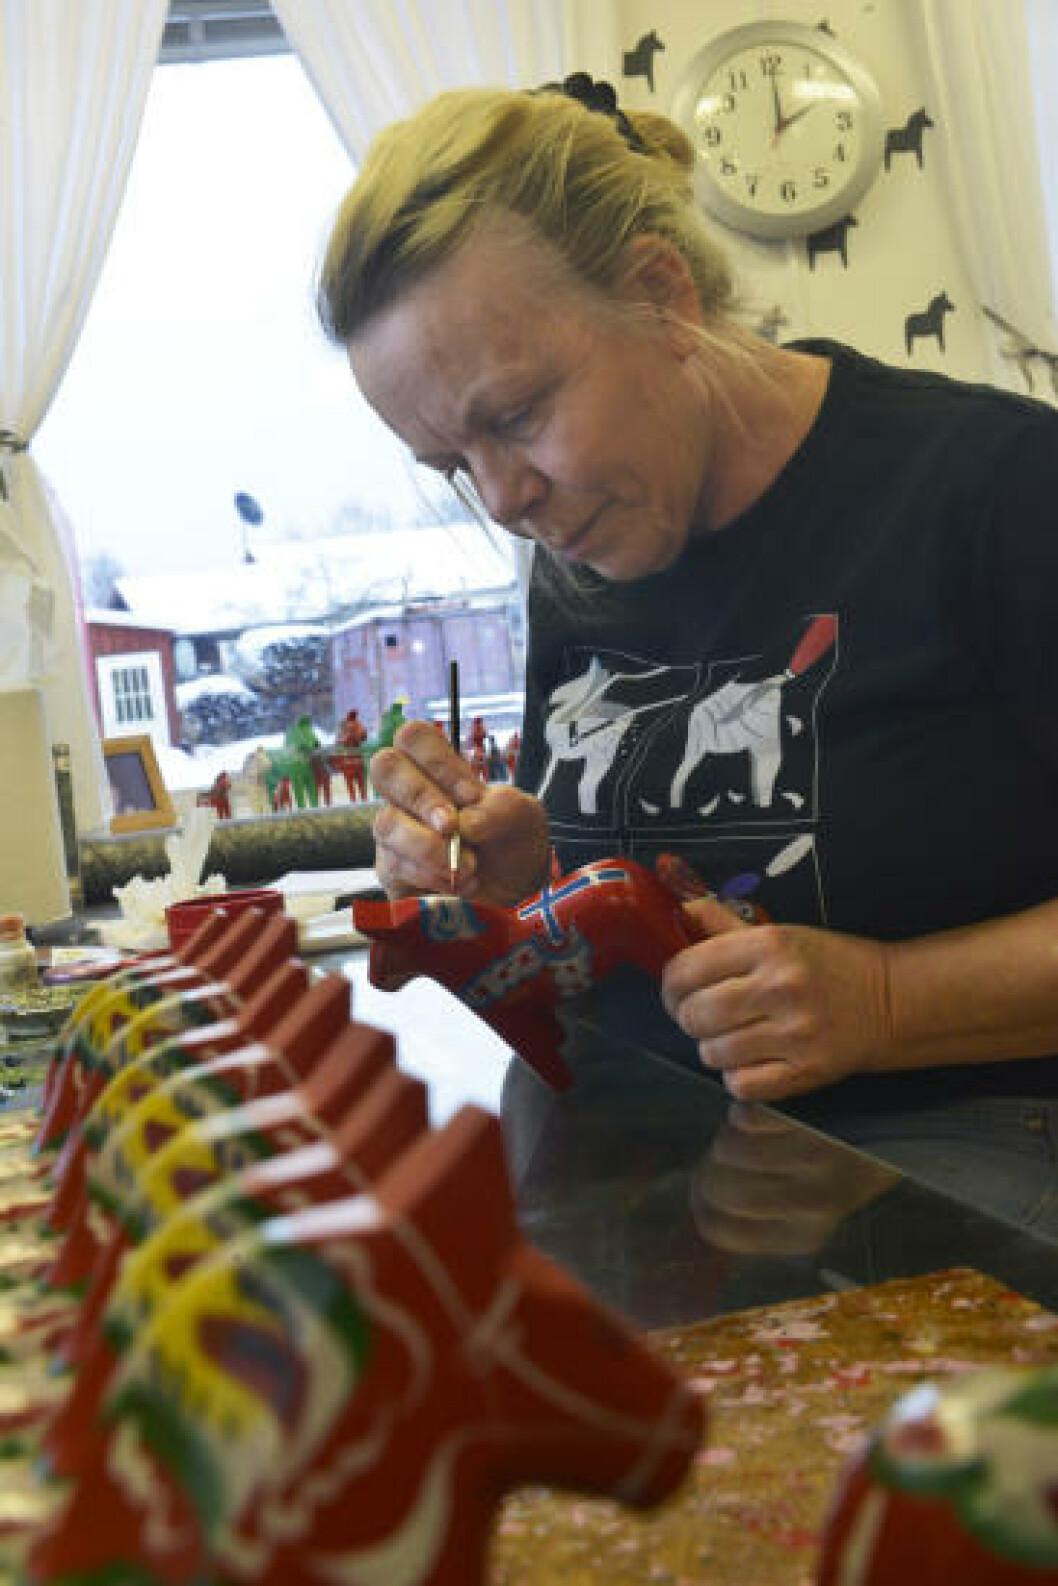 <strong>STØ PÅ LABBEN:</strong> Tre minutter bruker Kerstin Reuterborg i Nils Olsson hemslöjd på å male en dalahest. Akkurat denne, et prøveeksemplar på en norsk hest, tok litt lenger tid. Foto: GJERMUND GLESNES